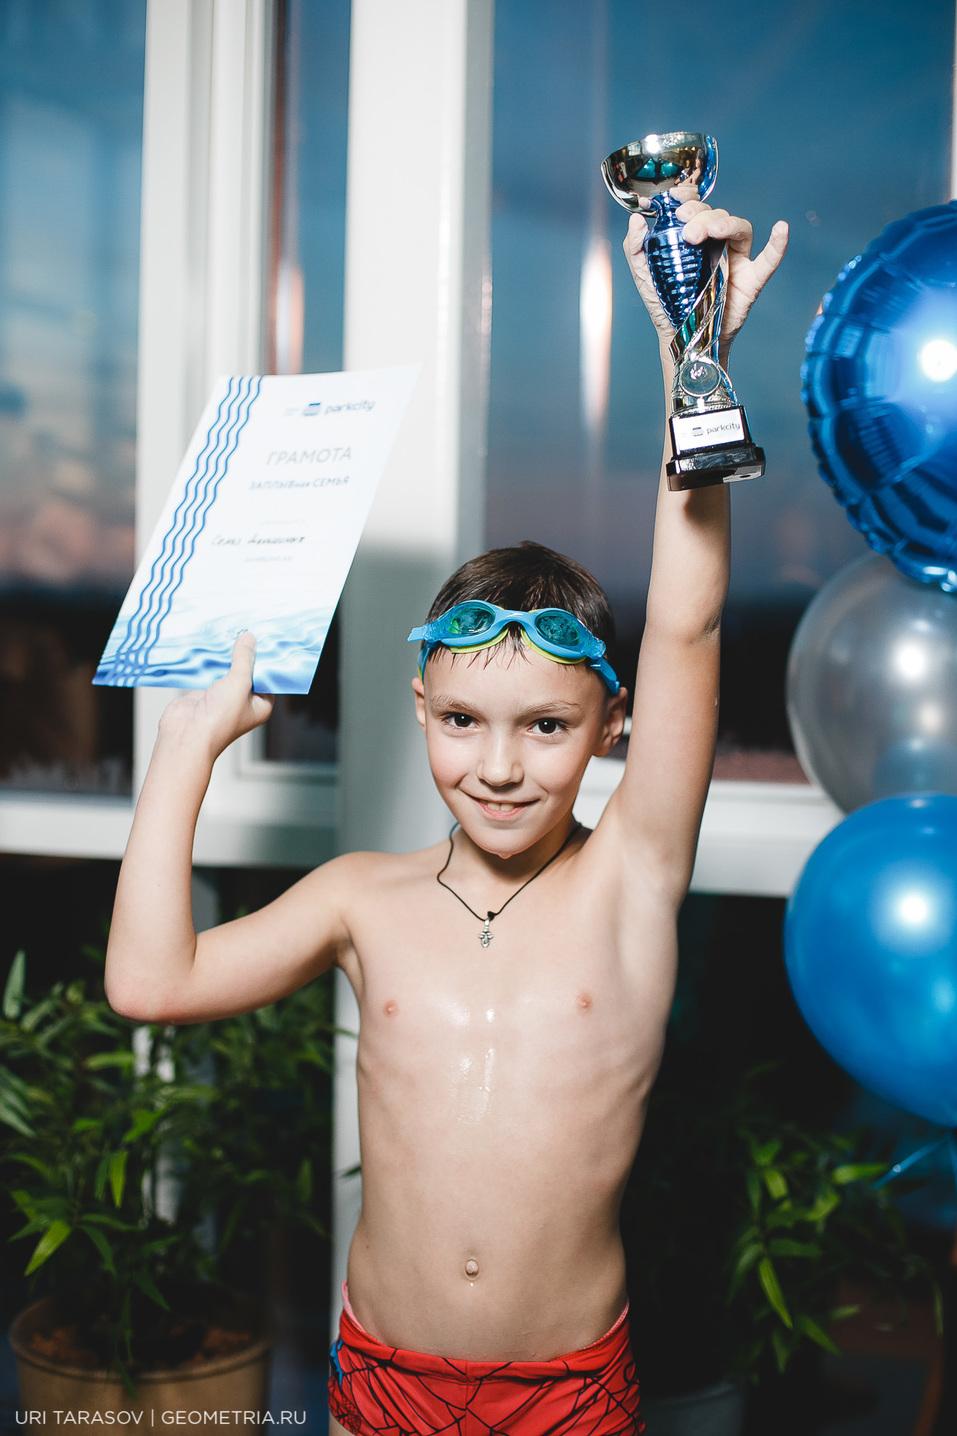 Год на высоте: фитнес-центр ParkCityFitness отметил день рождения. Фоторепортаж 7